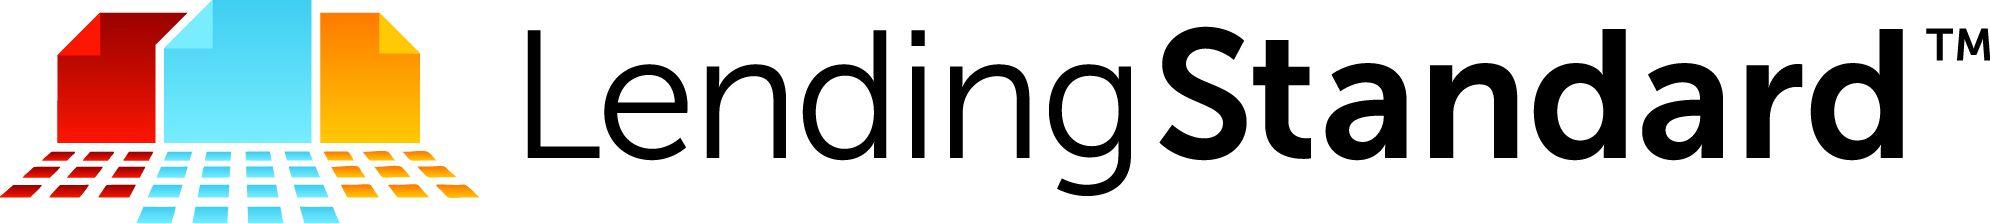 LendingStandard Logo